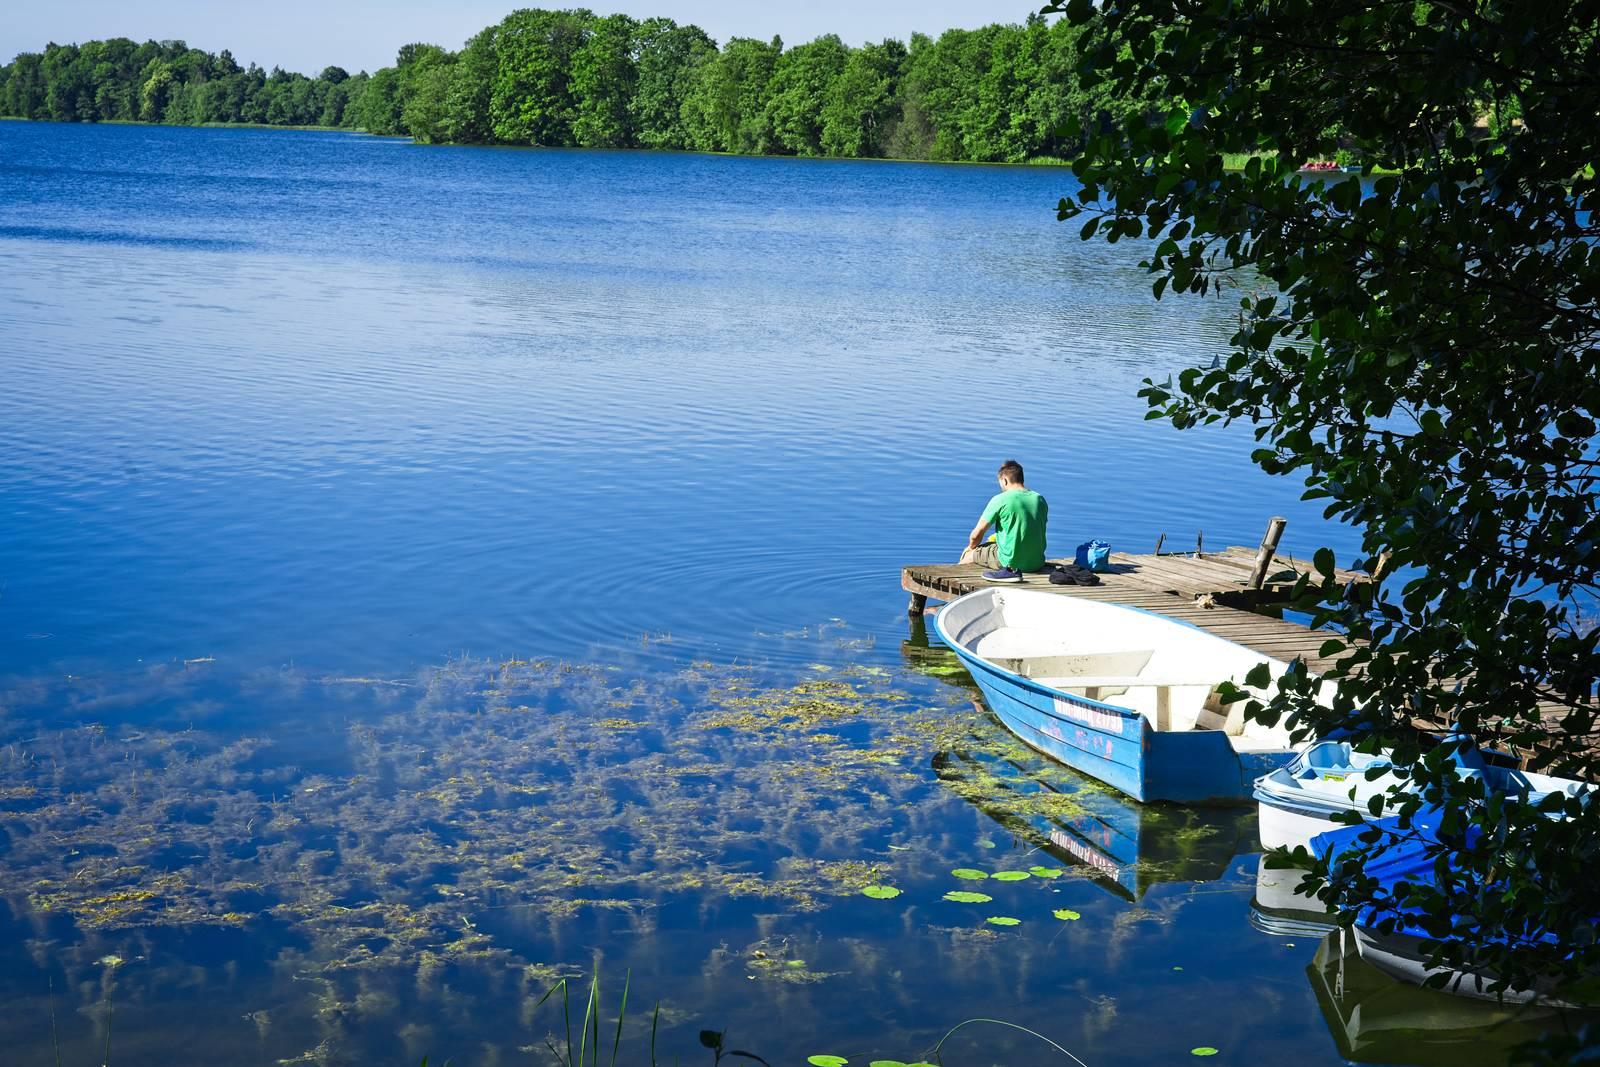 rowerem z olsztyna do gizycka rowerem po mazurach jezioro o poranku